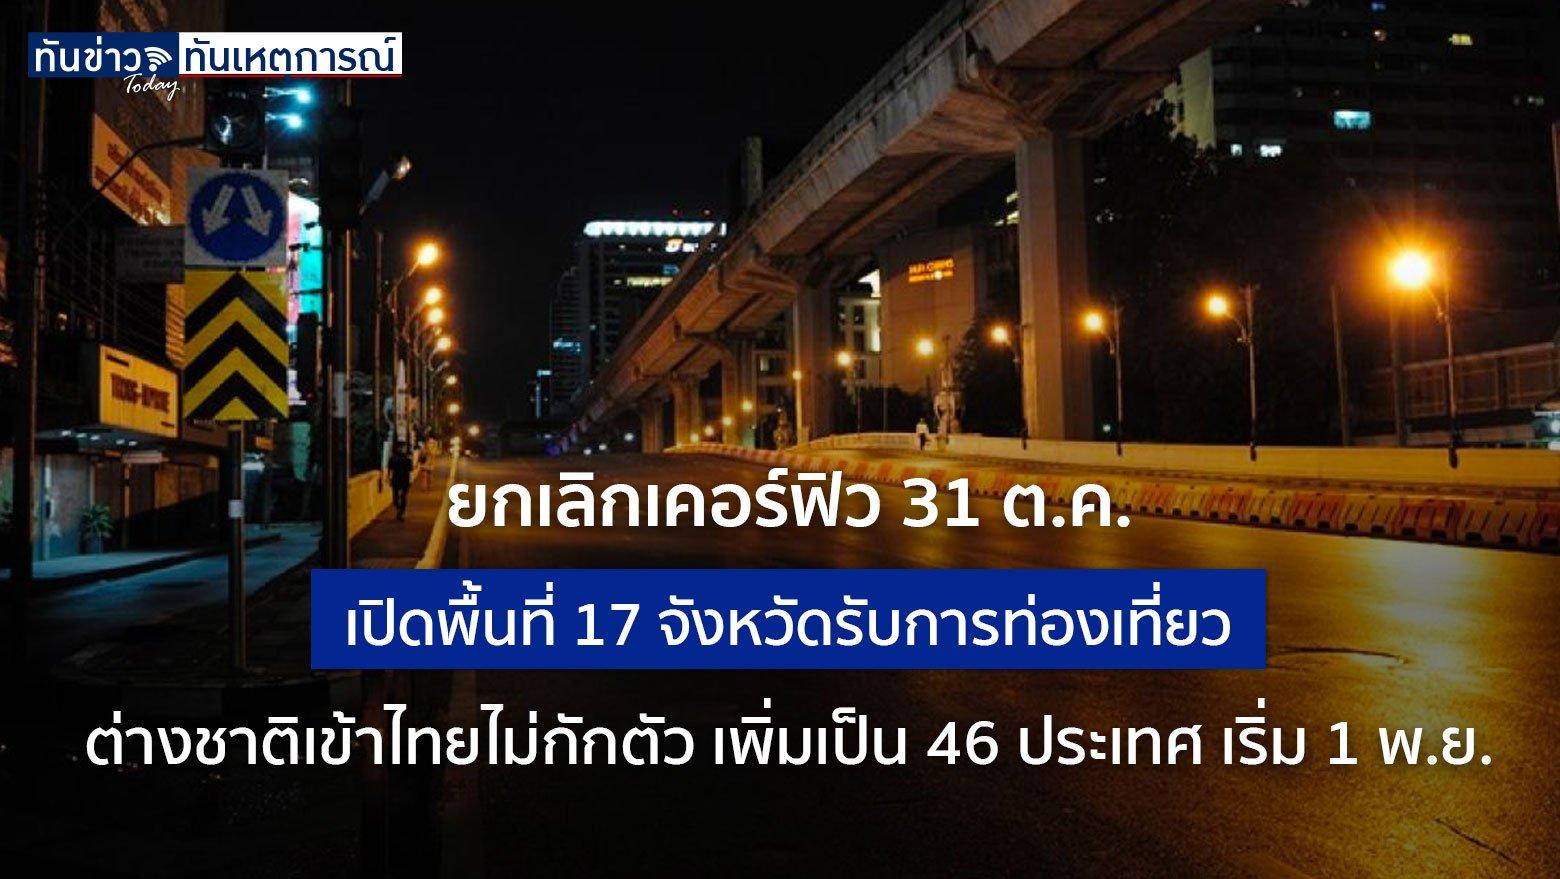 นายกฯยกเลิกเคอร์ฟิว 31 ต.ค. เปิดพื้นที่นำร่องท่องเที่ยว 17 จังหวัด เพิ่มประเทศความเสี่ยงต่ำเดินทางเข้าไทยได้เป็น  46 ประเทศเริ่ม 1 พ.ย. นี้